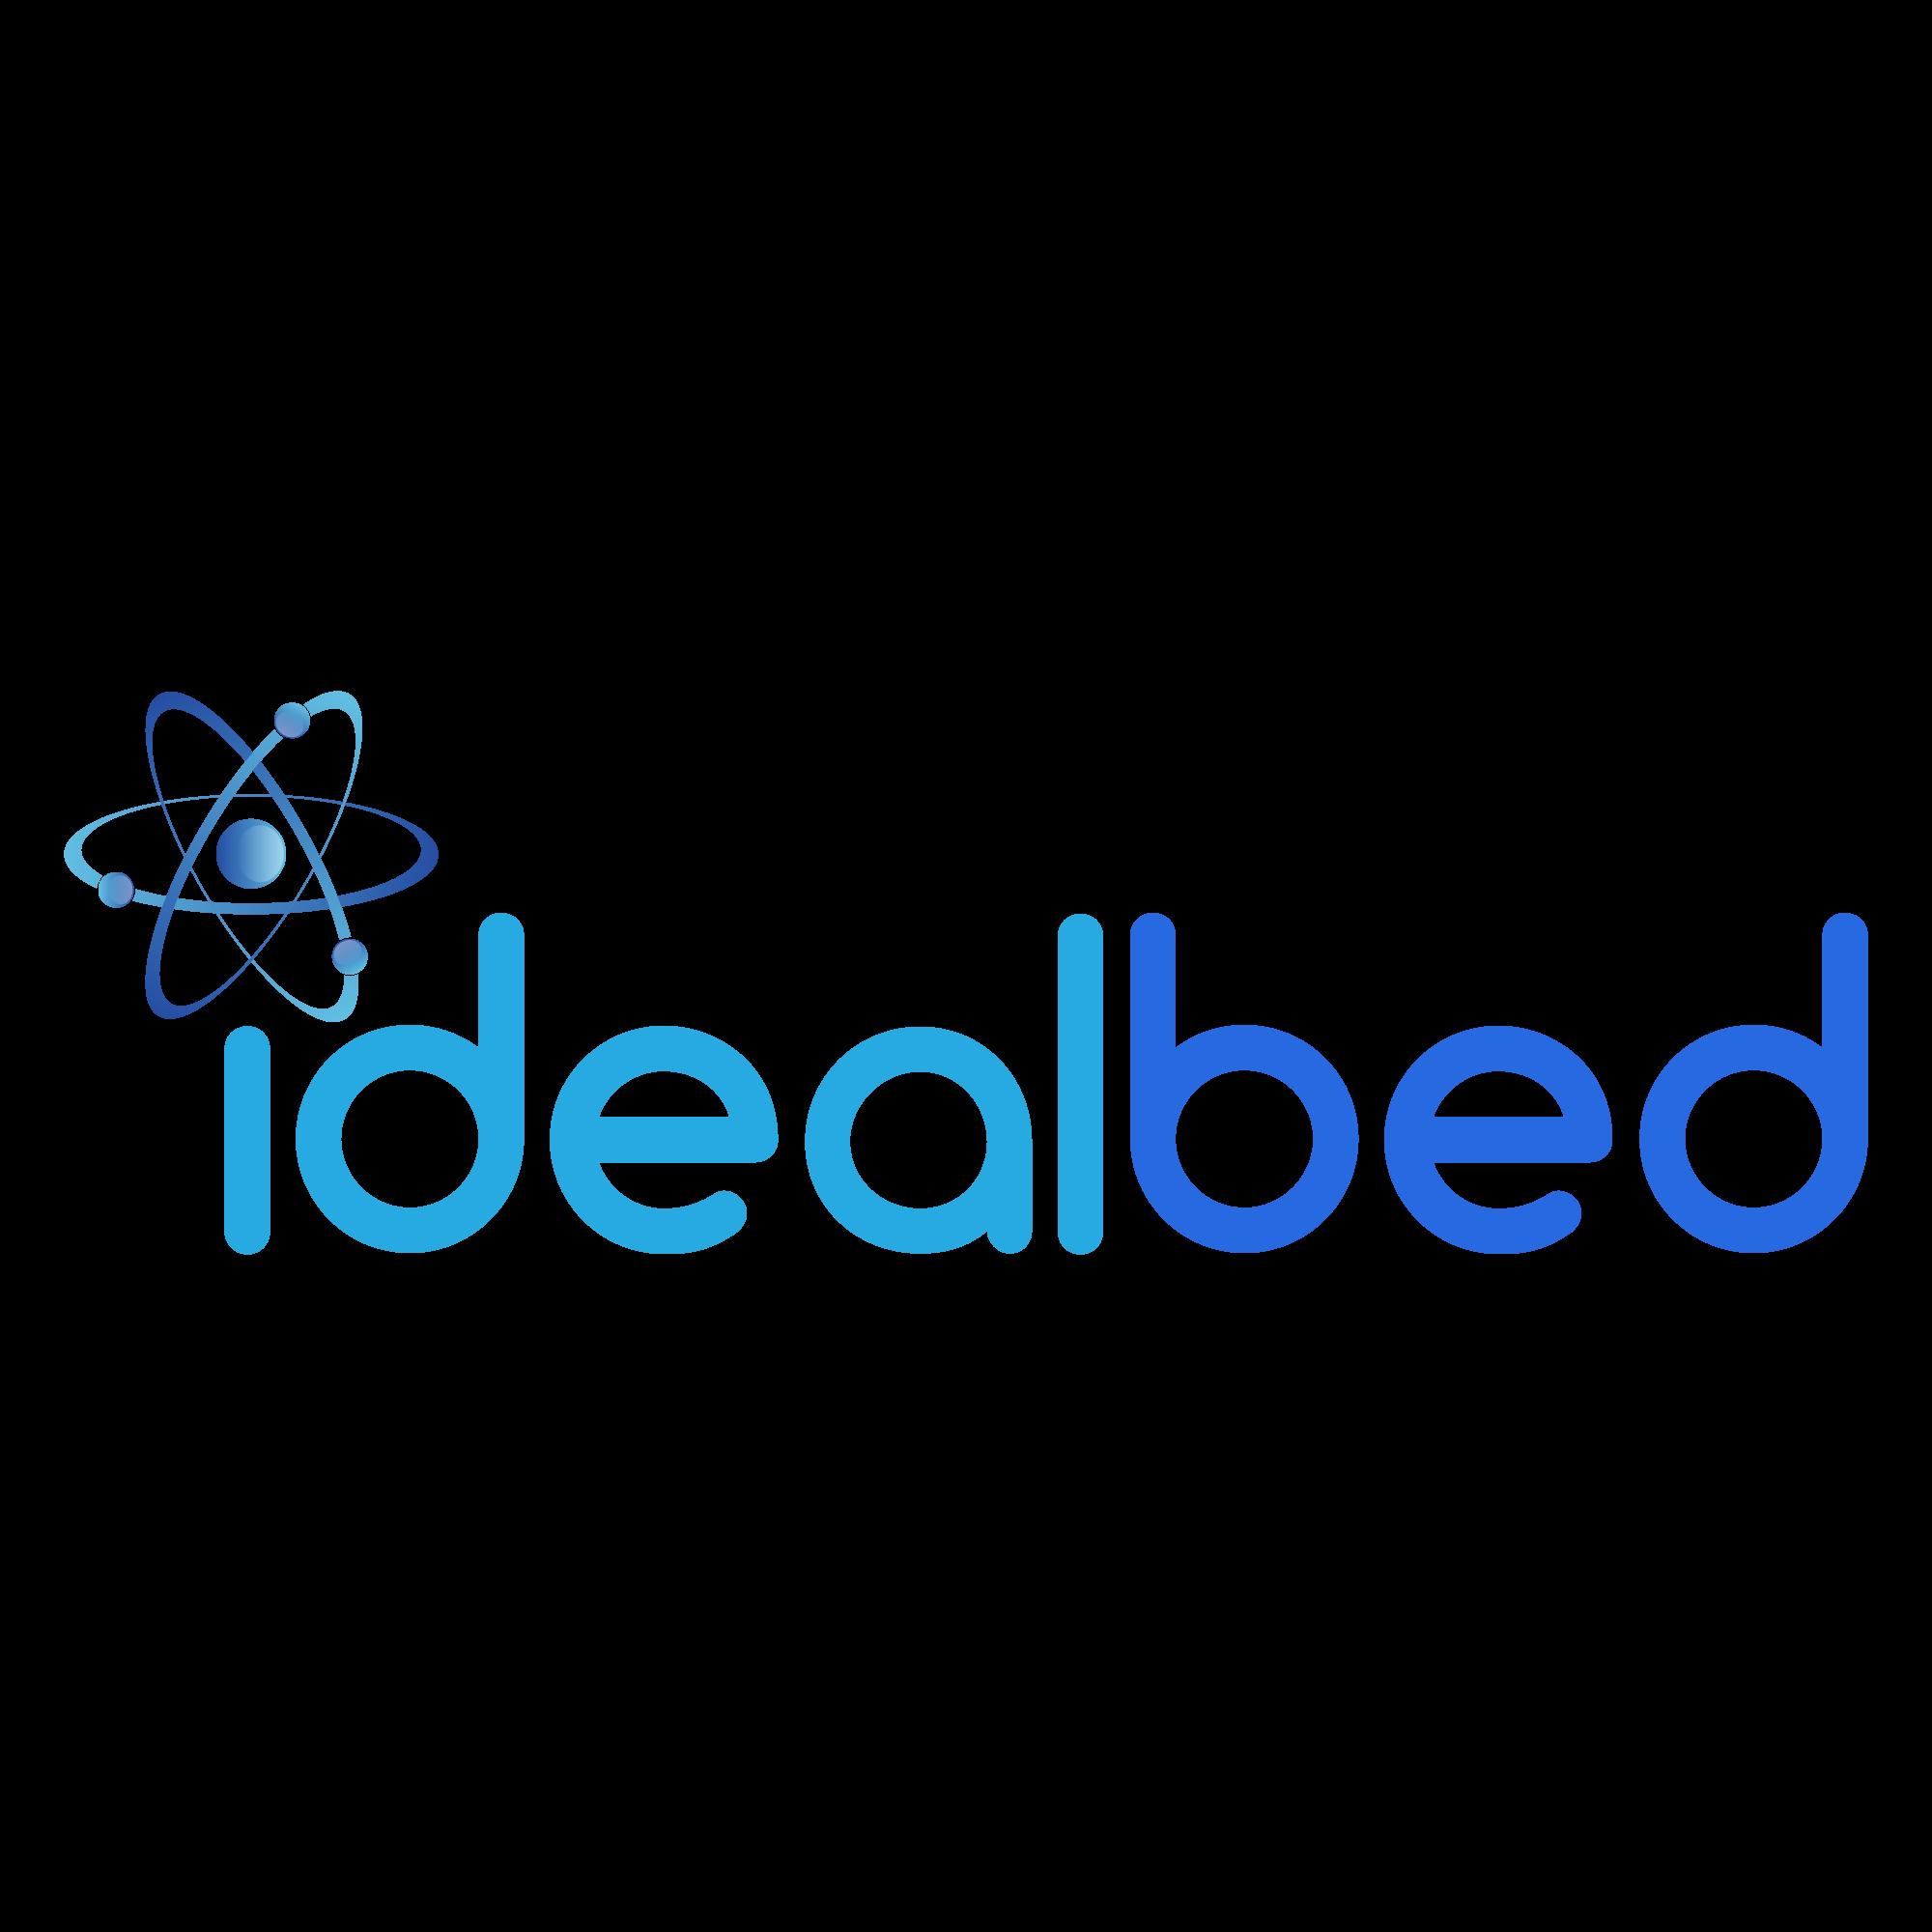 idealbedlogod10.png